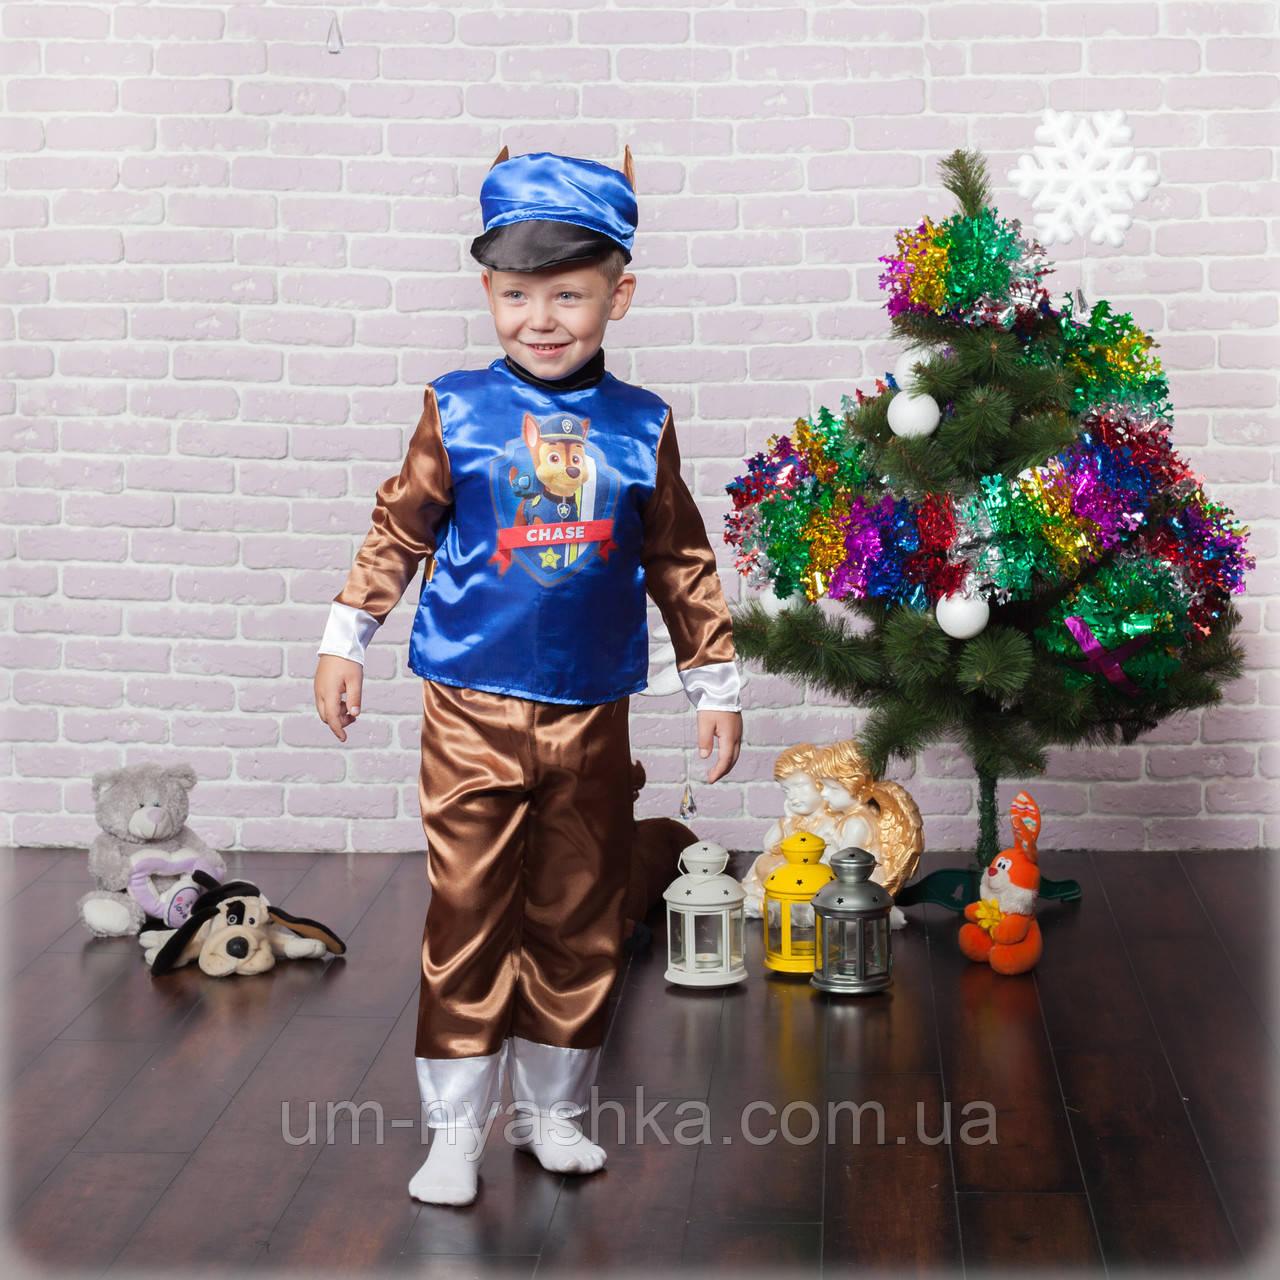 Дитячий костюм мультяшного персонажа Чейз